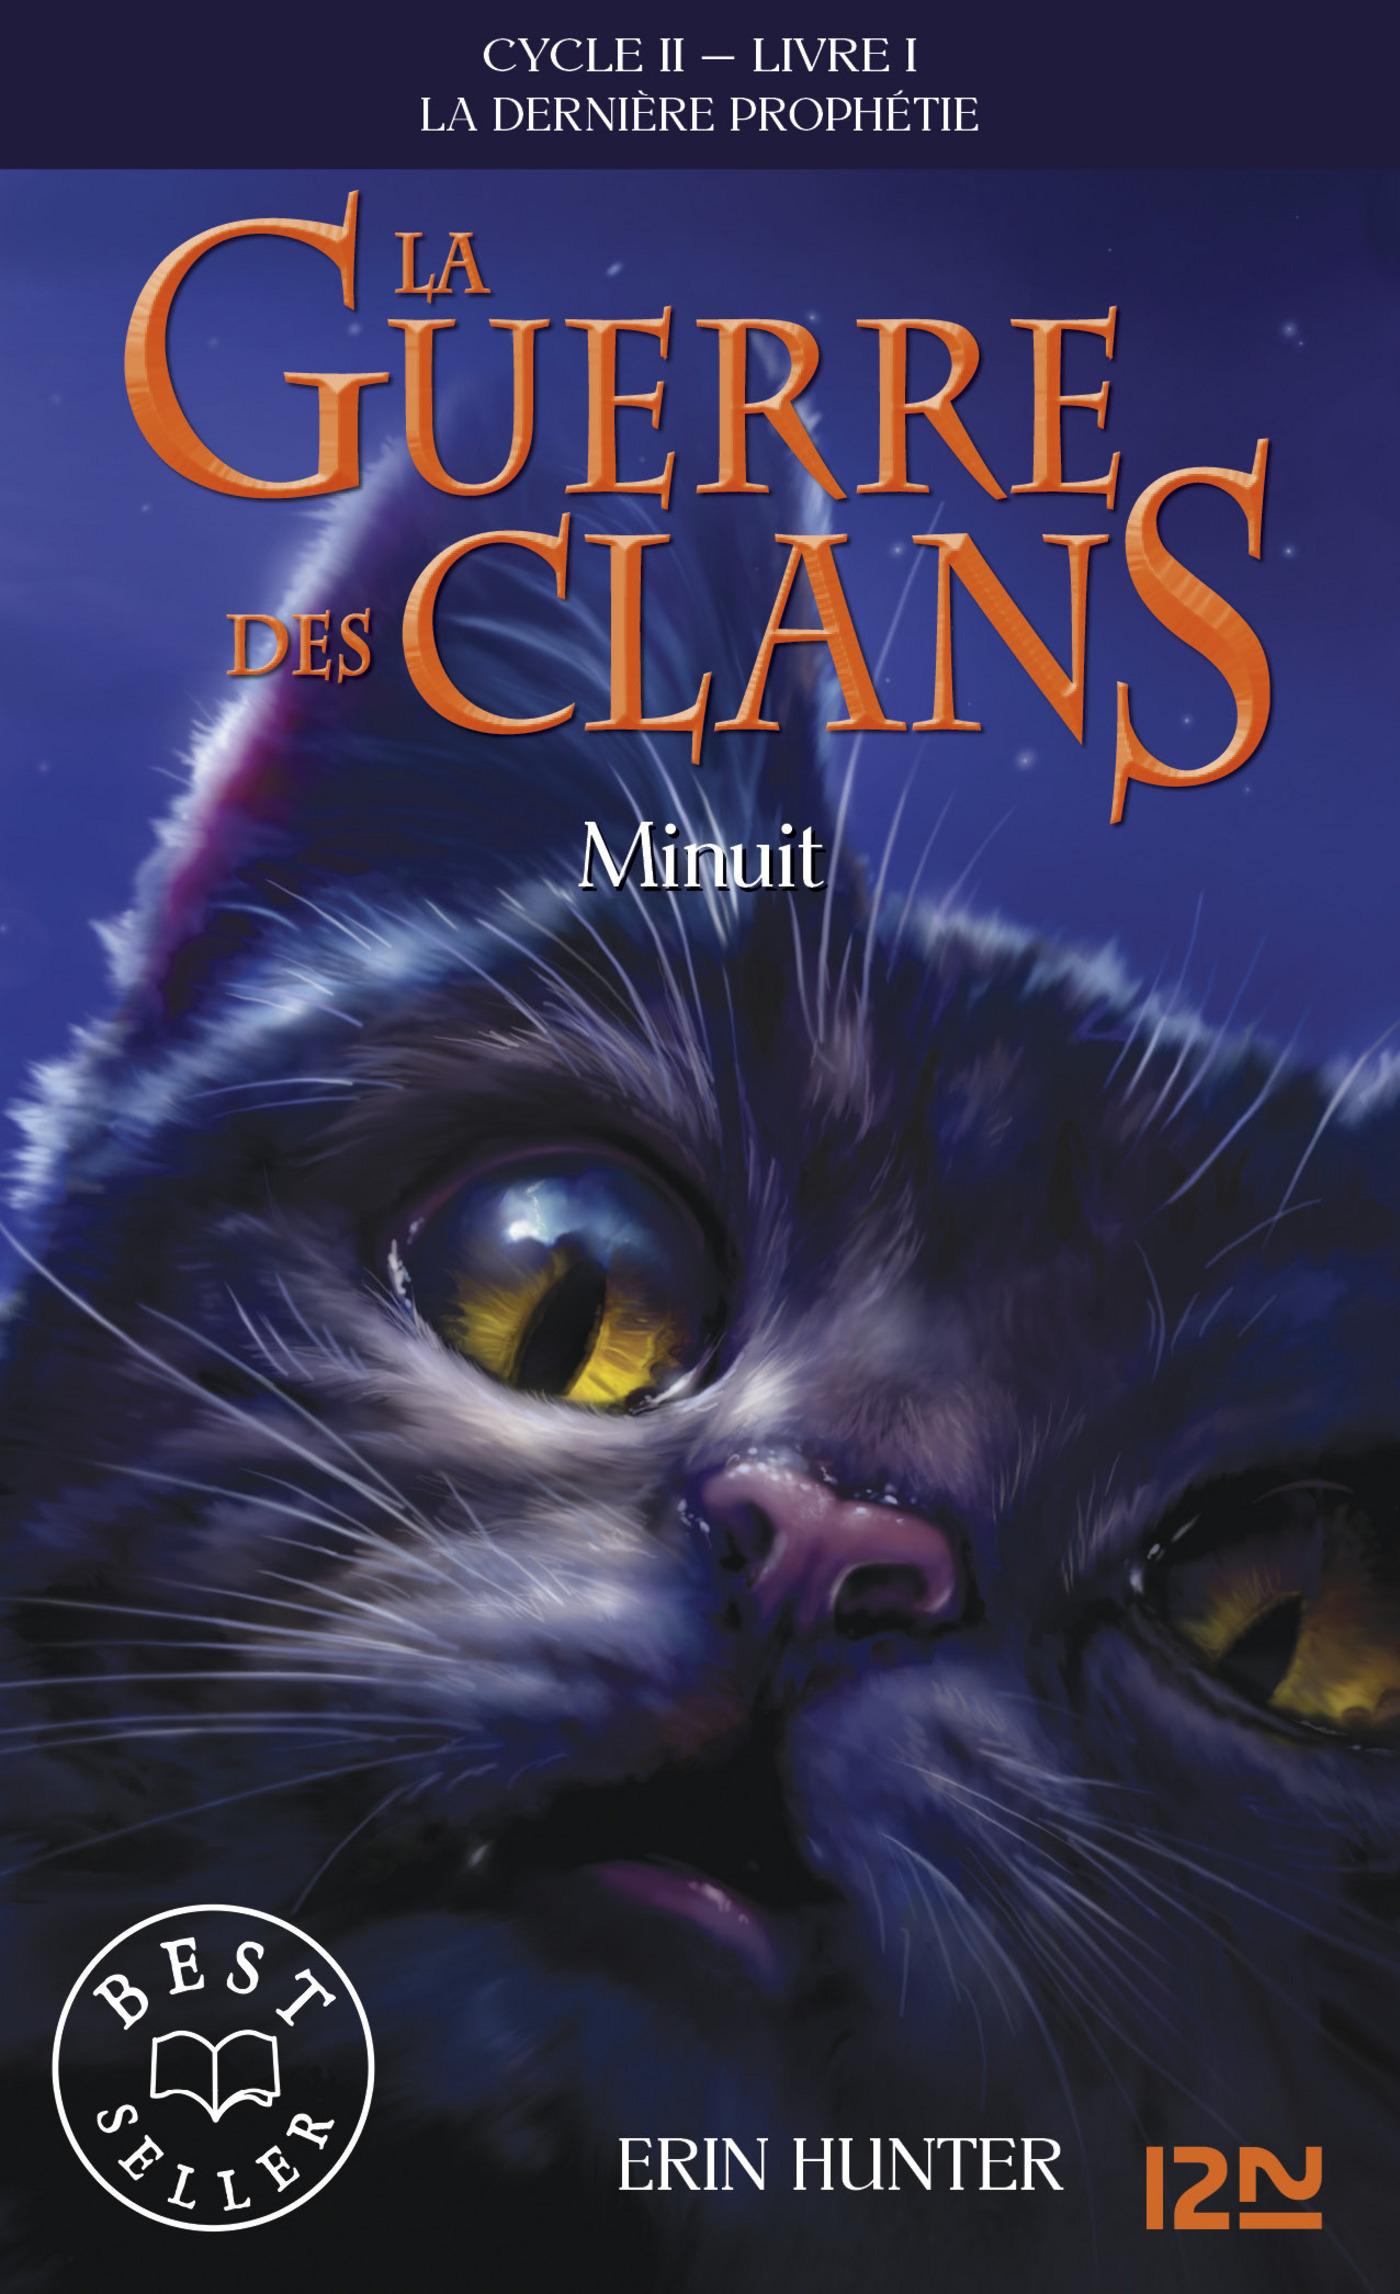 La guerre des clans II - La dernière prophétie tome 1, MINUIT